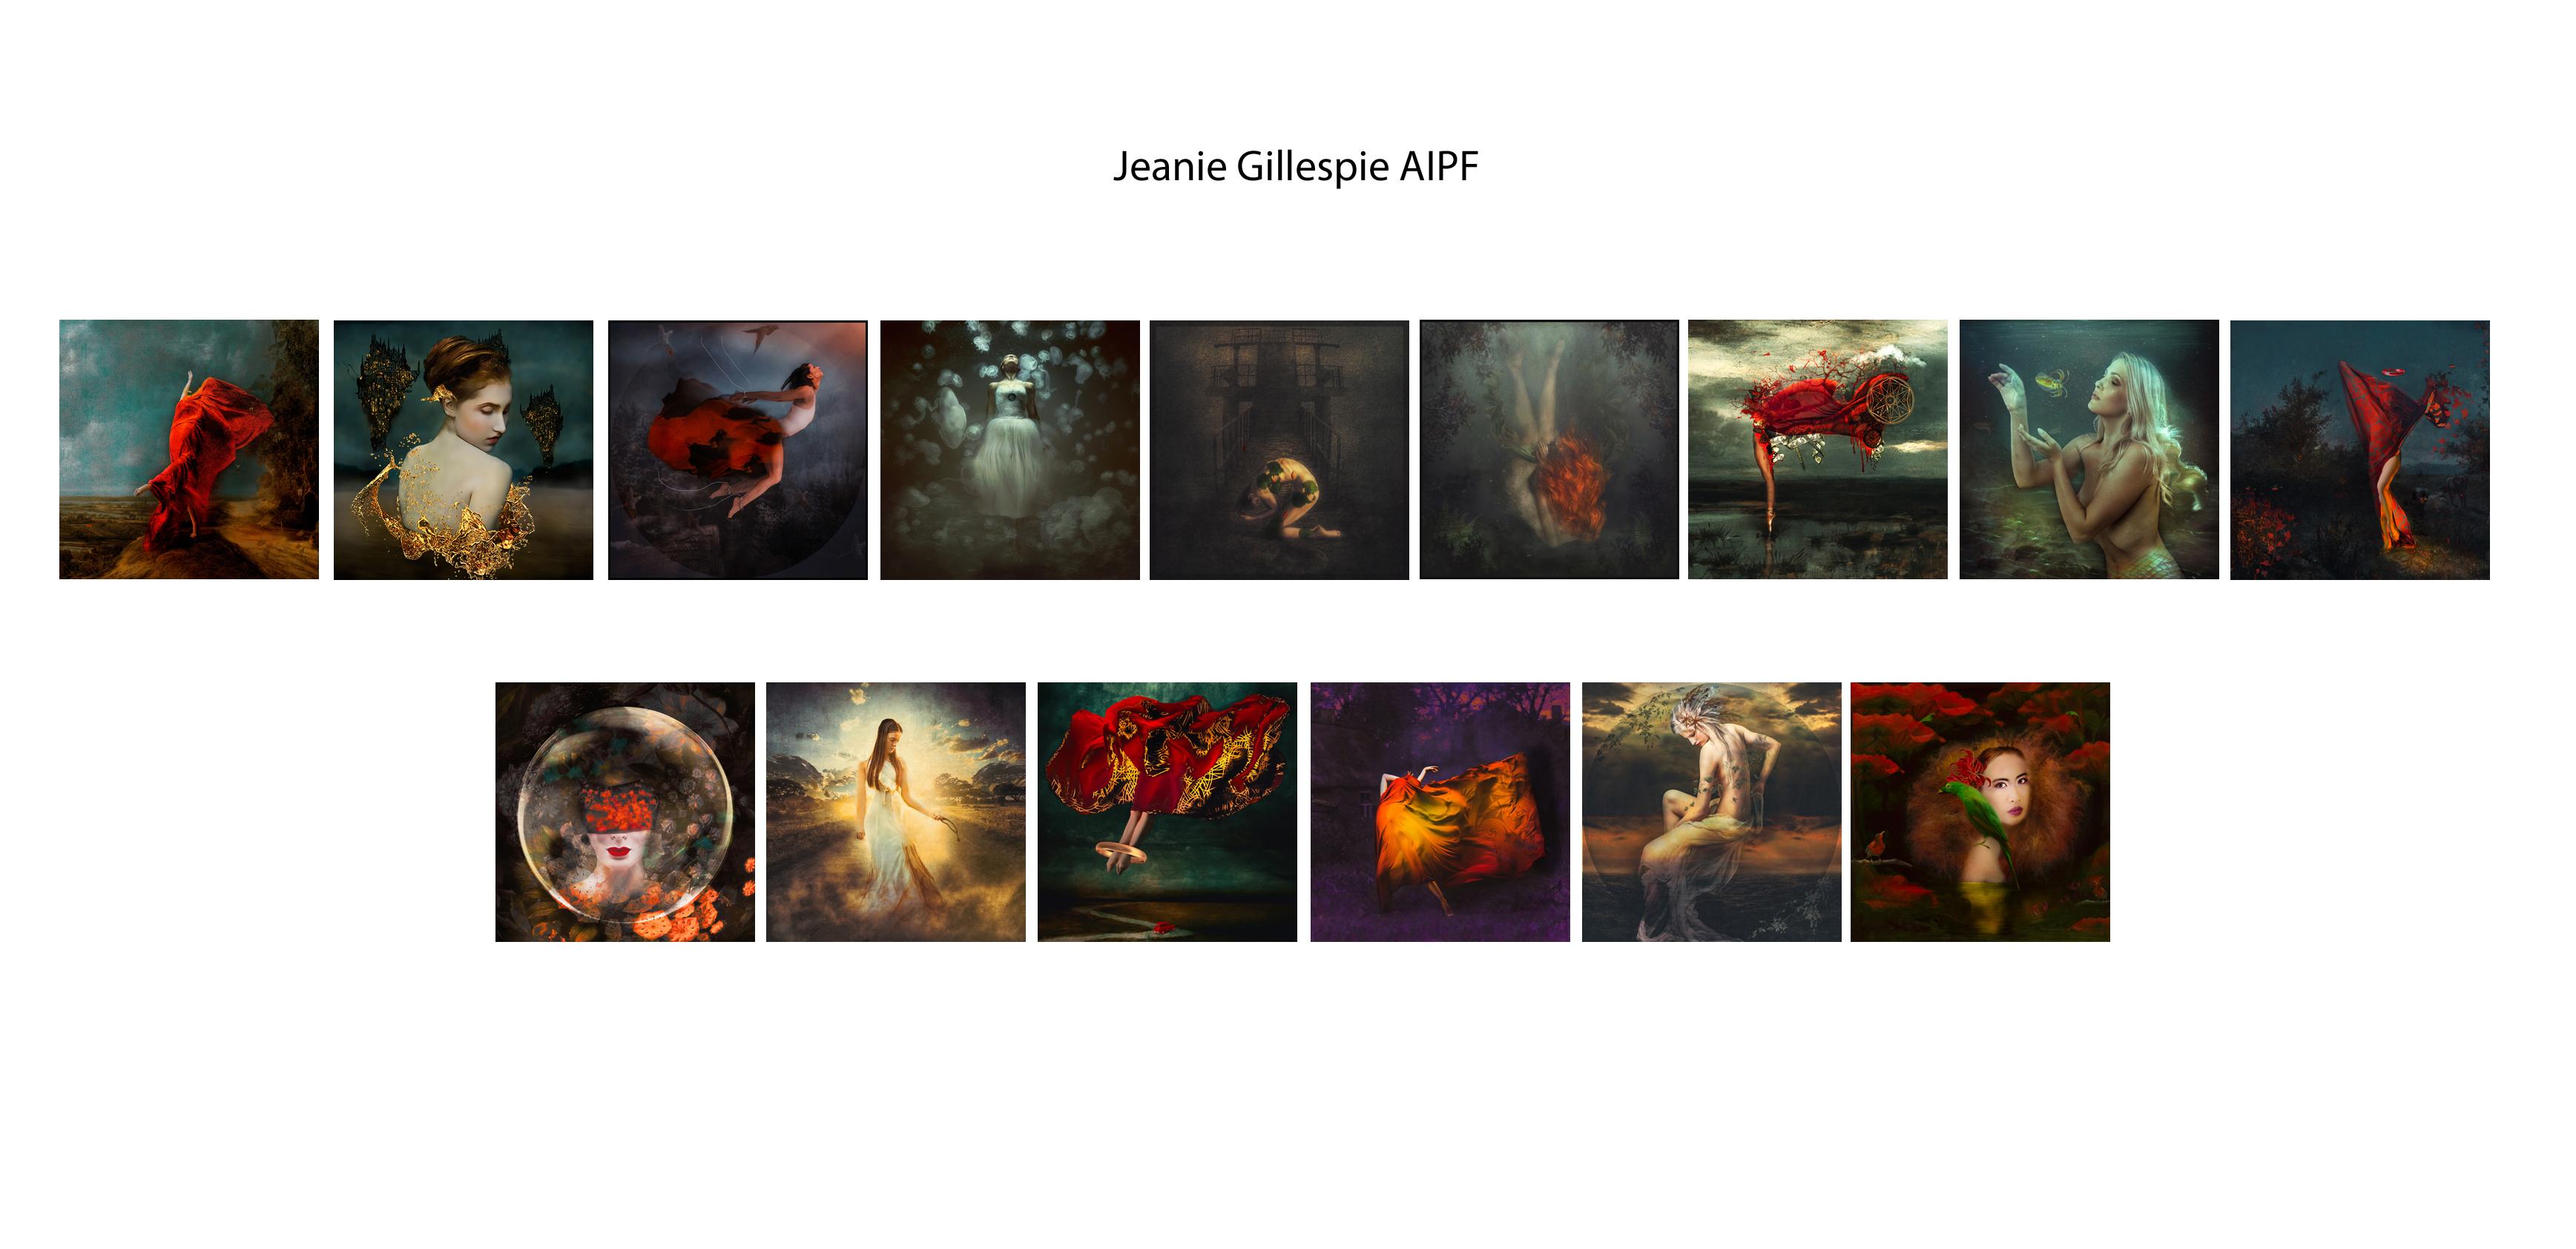 Jeanie Gillespie, AIPF, Boyne Valley